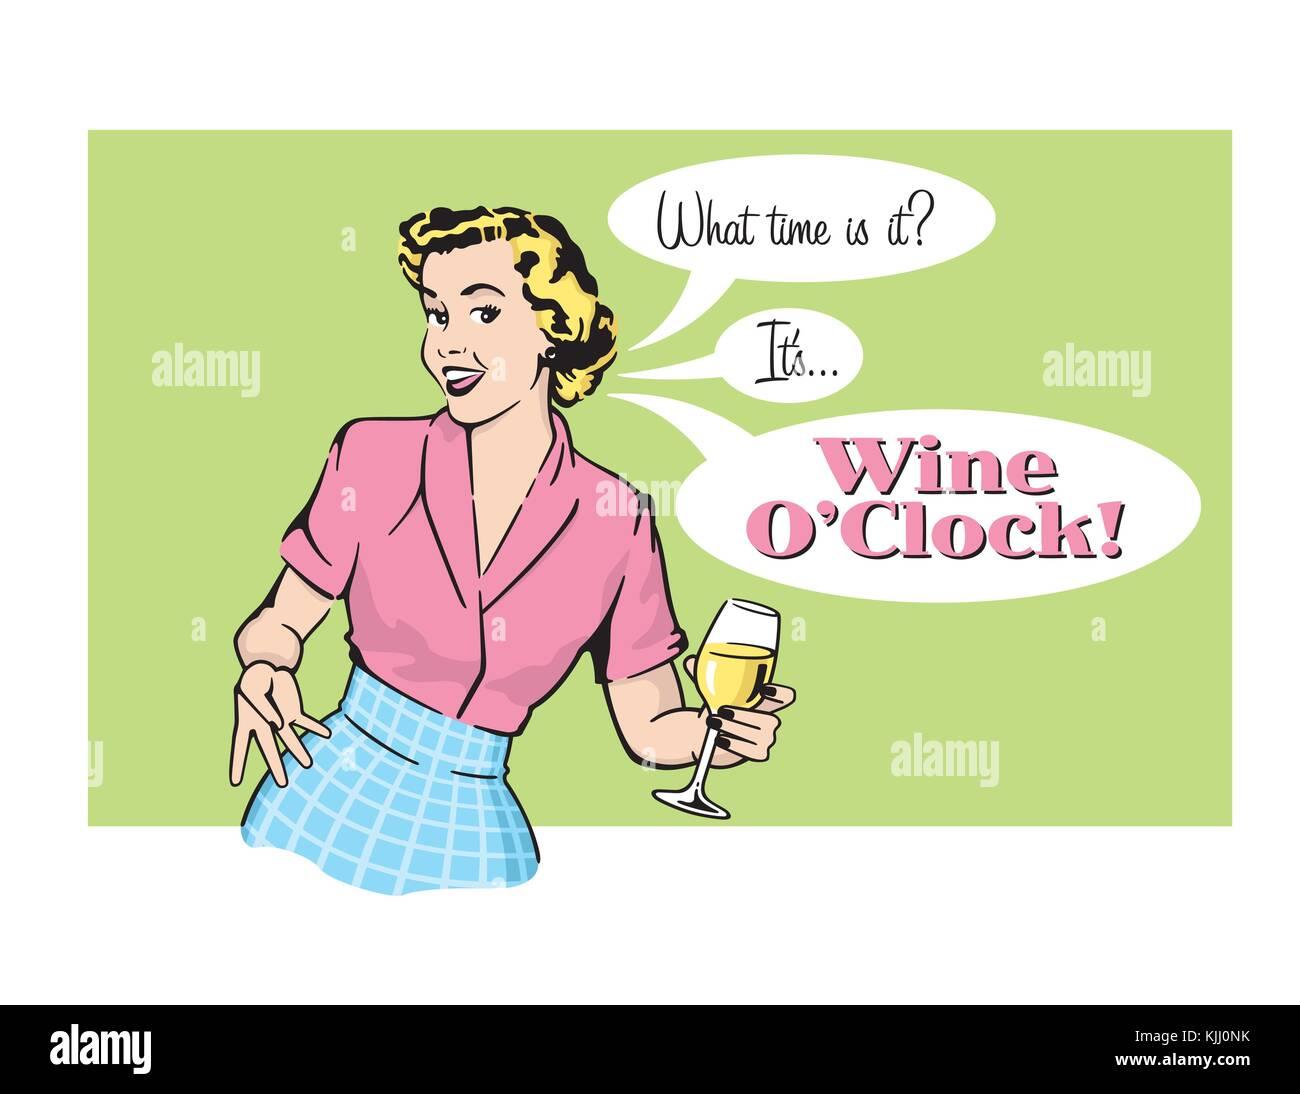 Vino oclock casalinga retrò vettore grafico. illustrazione vettoriale di  sassy donna retrò annunciando Immagini Stock f724ccce4f03